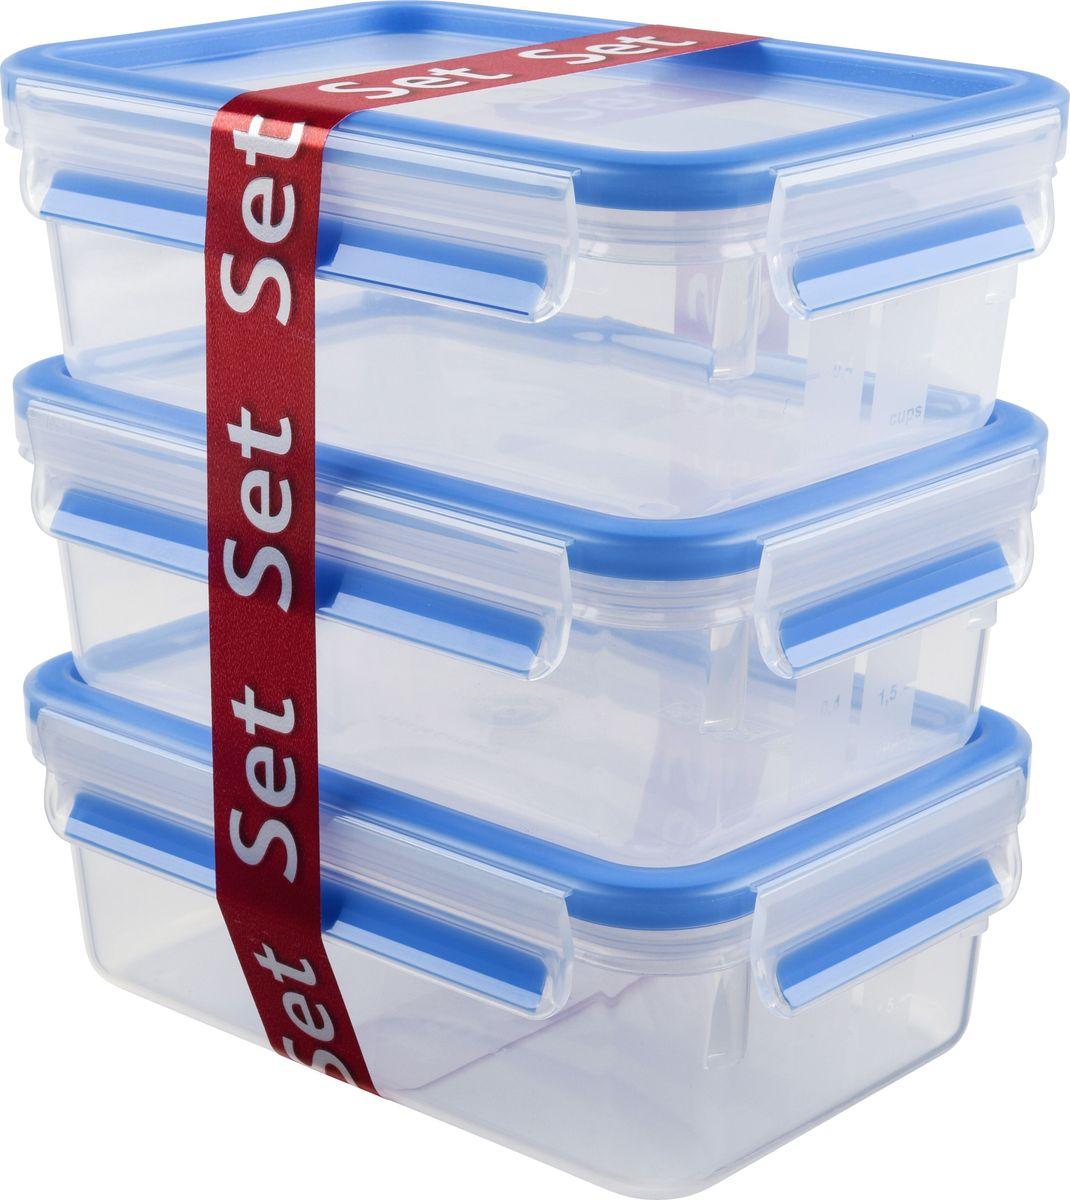 Набор контейнеров Emsa Clip&Close, 1 л, 3 штVT-1520(SR)Набор контейнеров Emsa Clip&Close изготовлен из высококачественного антибактериального пищевого пластика, имеющего сертификат BPA-free, который выдерживает температуру от -40°С до +110°С, не впитывает запахи и не изменяет цвет. Это абсолютно гигиеничный продукт, который подходит для хранения даже детского питания. 100% герметичность - идеально не только для хранения, но и для транспортировки пищи. Герметичность достигается за счет специальных силиконовых прослоек, которые позволяют использовать контейнер для хранения не только пищи, но и жидкости. В таком контейнере продукты долгое время сохраняют свою свежесть - до 4-х раз дольше по сравнению с обычными, в том числе и вакуумными контейнерами. 100% гигиеничность - уникальная технология применения медицинского силикона в уплотнителе крышки: никаких полостей - никаких микробов. Изделие снабжено крышкой, плотно закрывающейся на 4 защелки. 100% удобство - прозрачные стенки позволяют просматривать содержимое, сохранение пространства за счёт лёгкой установки контейнеров друг на друга. Изделие подходит для домашнего использования, для пикников, поездок, отдыха на природе, его можно взять с собой на работу или учебу. Можно использовать в СВЧ-печах, холодильниках, посудомоечных машинах, морозильных камерах.Размер контейнеров: 19,7 х 13,6 х 7,2 см.